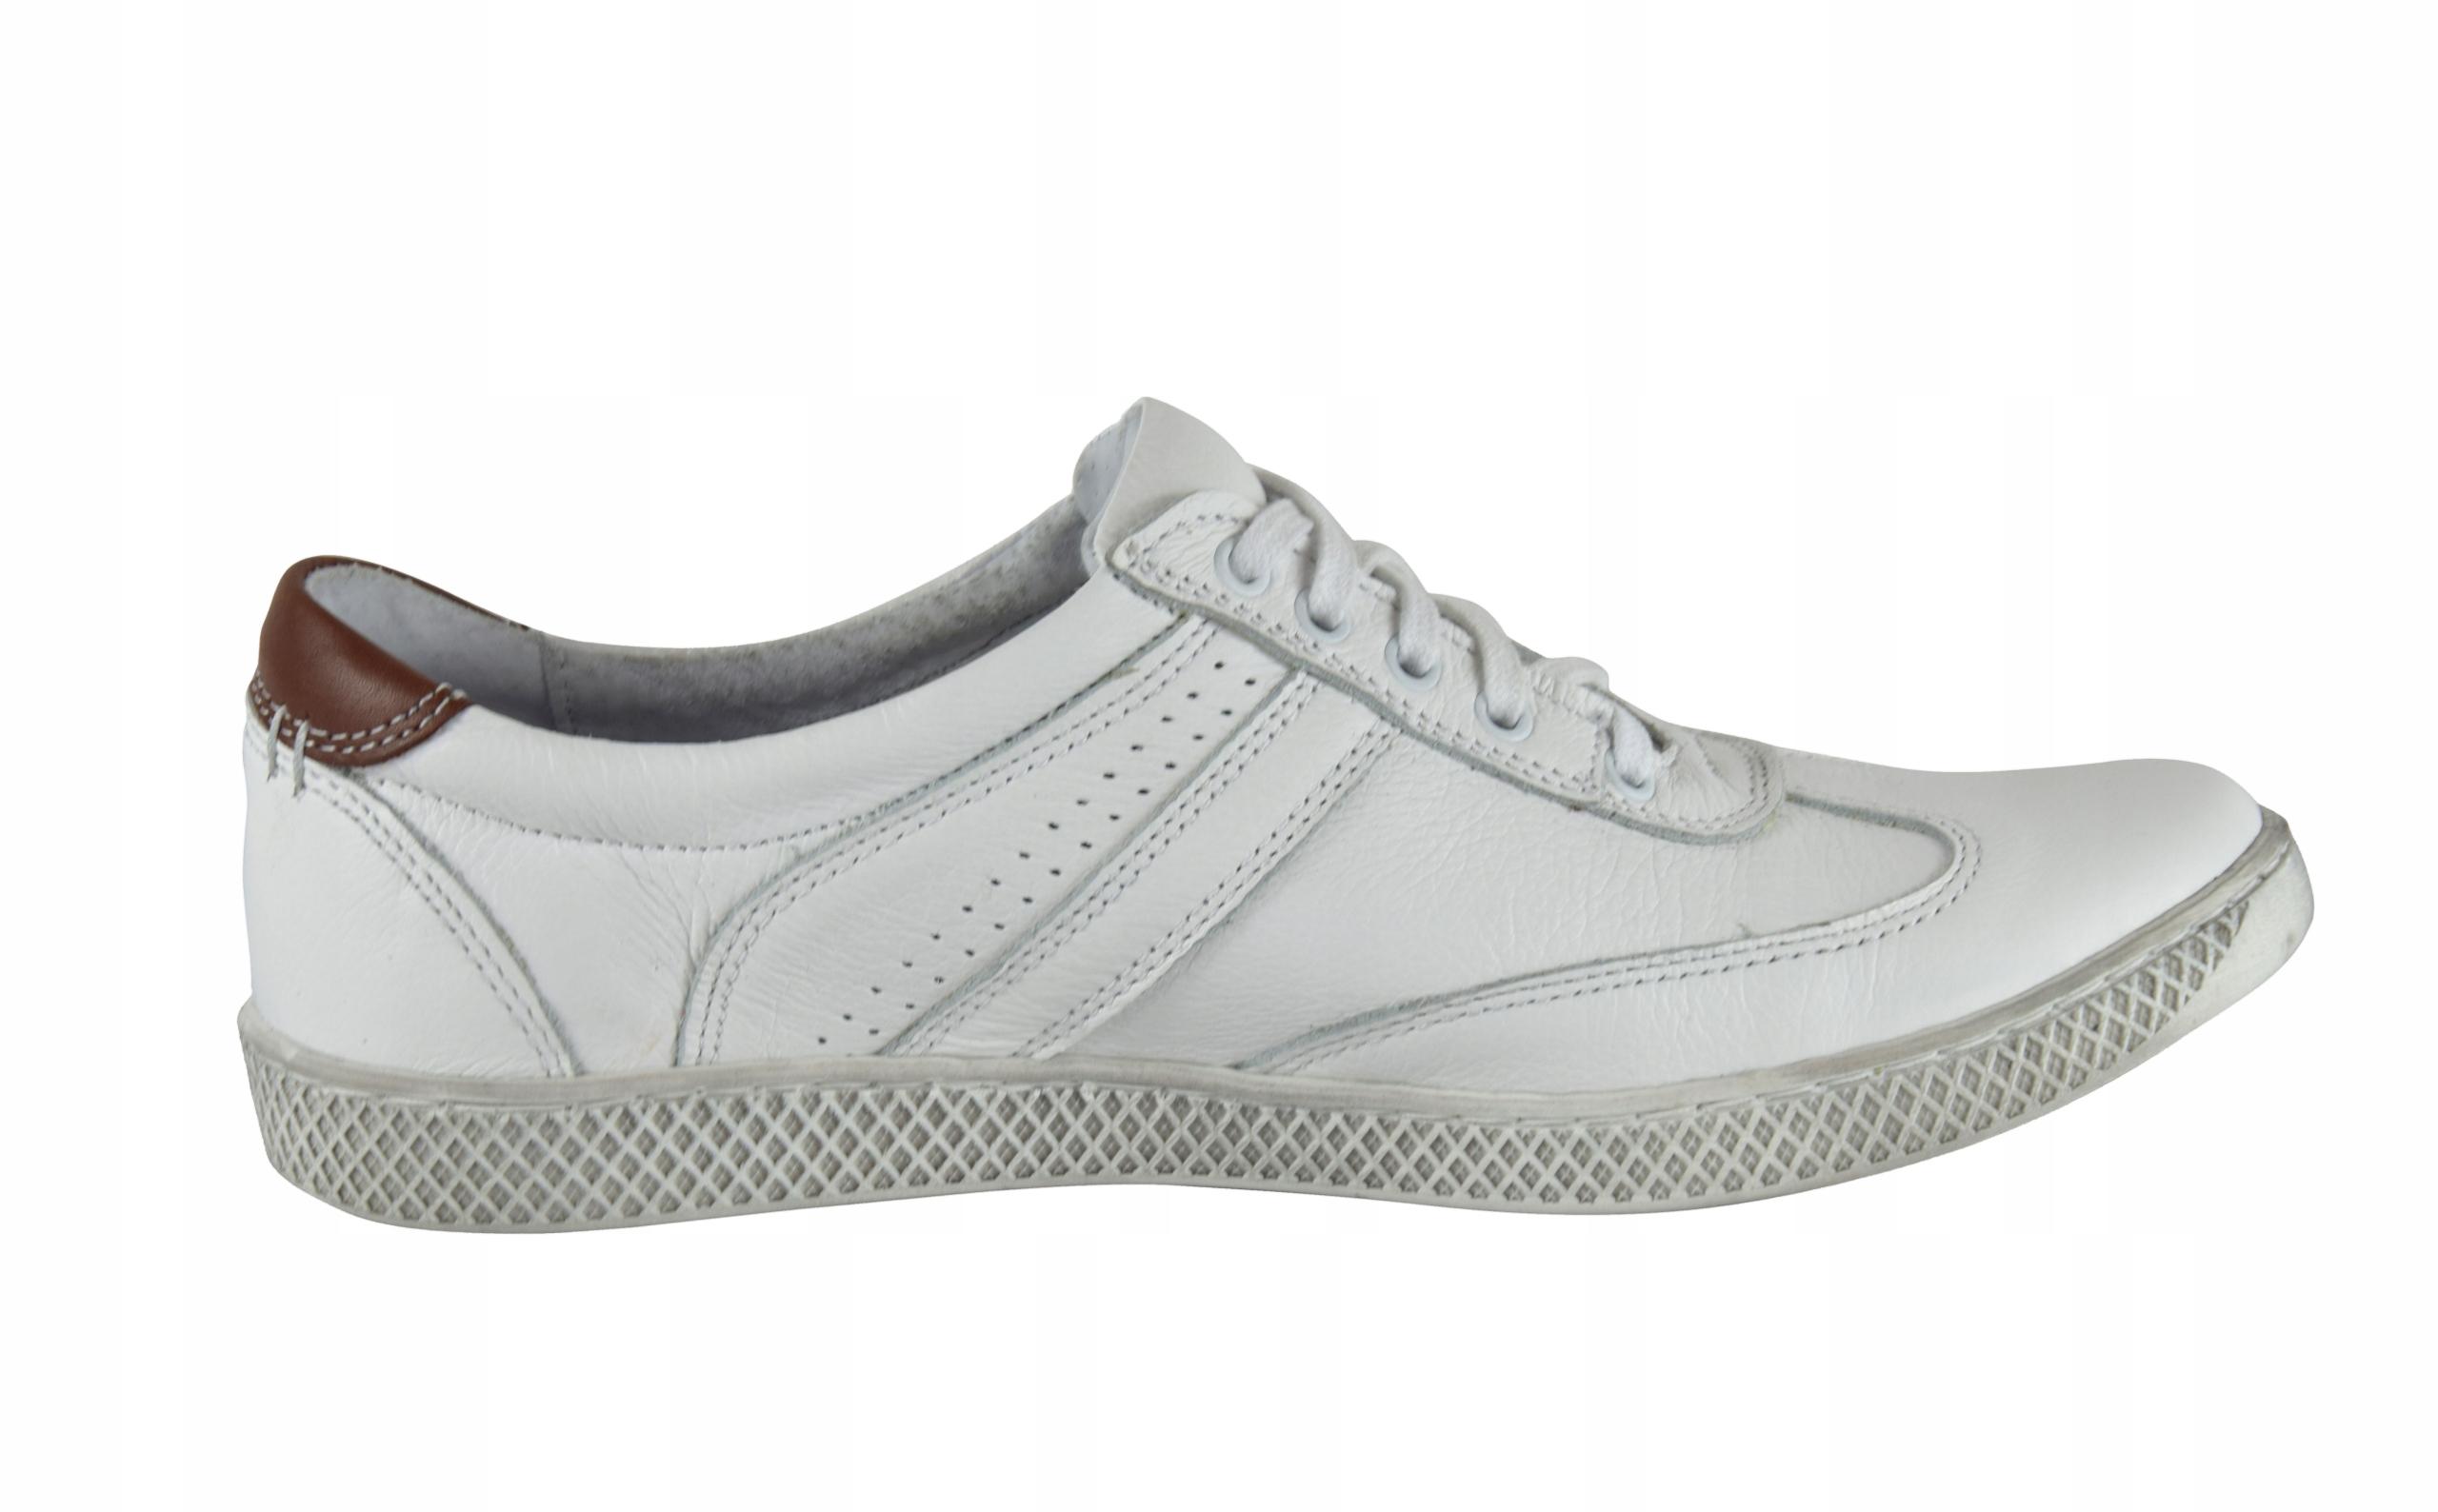 Skórzane męskie białe sznurowane buty męskie 0446 Marka inna